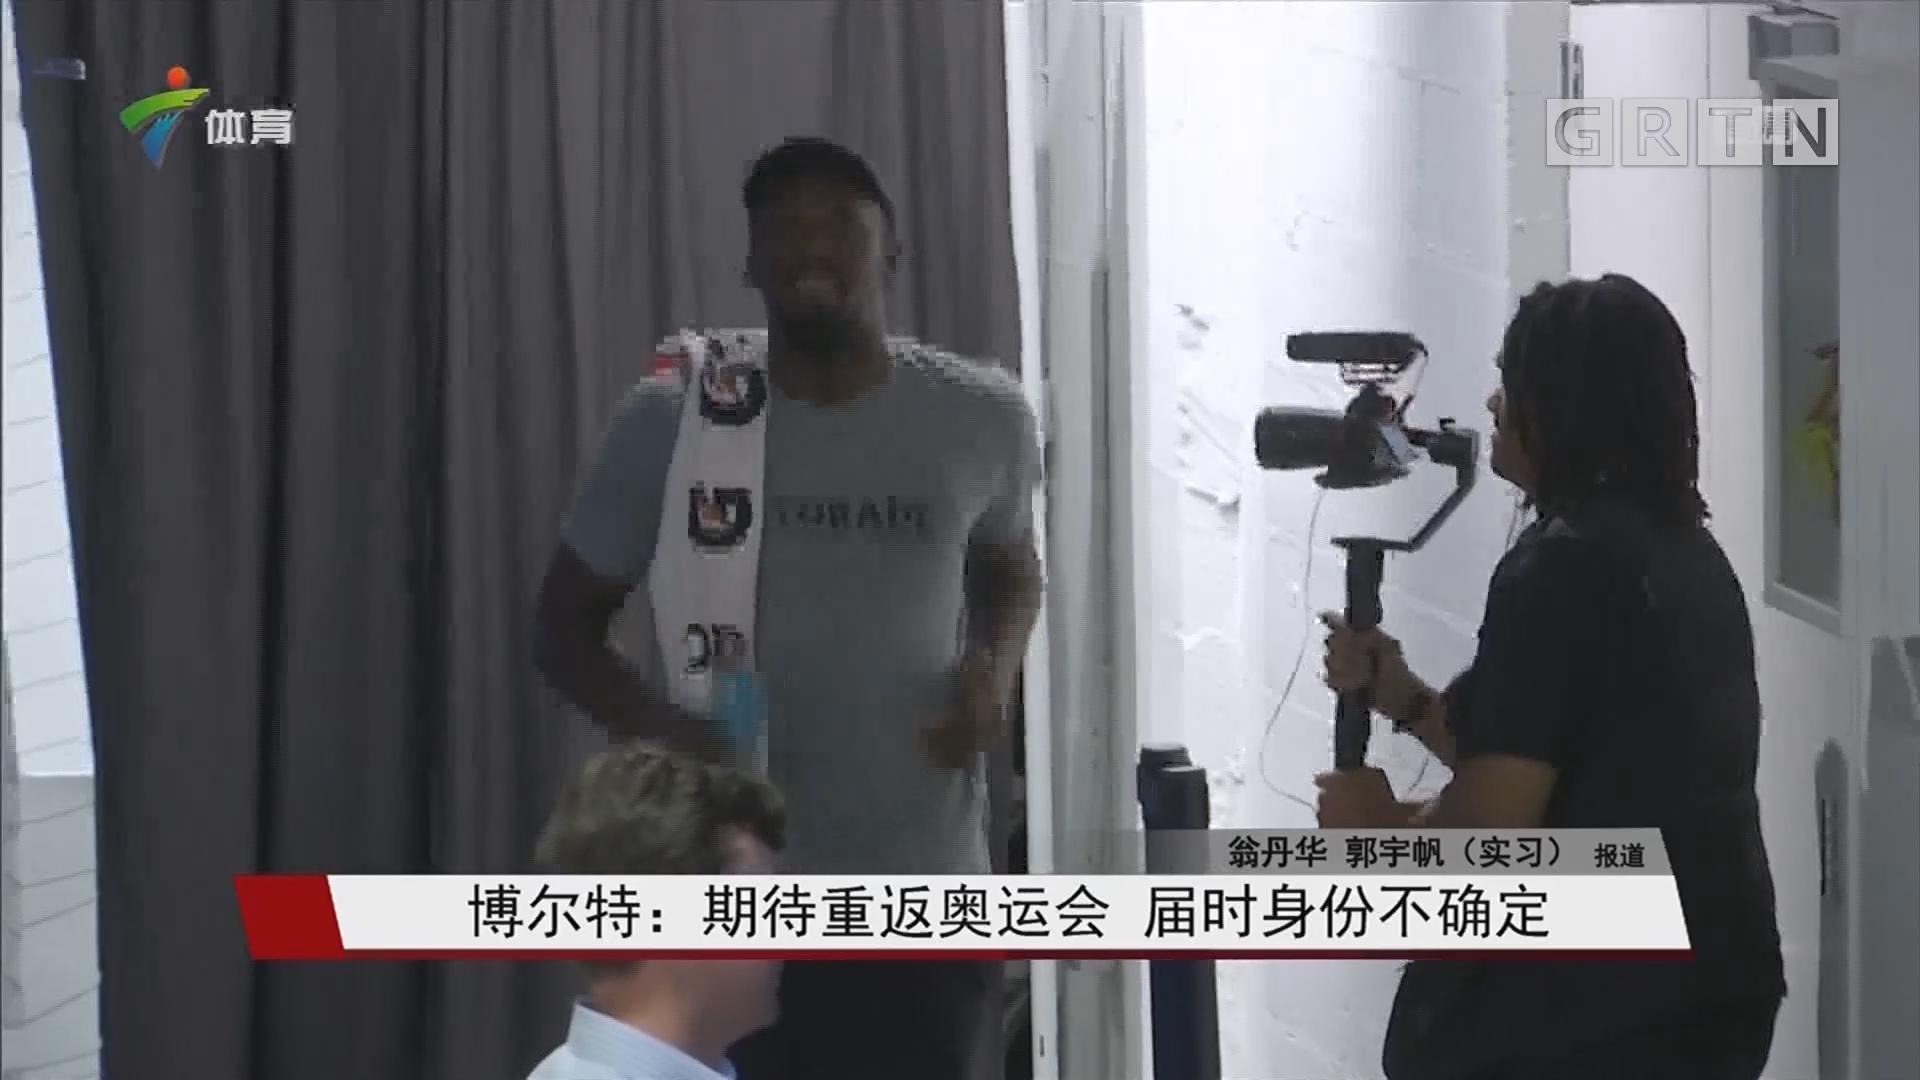 博尔特:期待重返奥运会 届时身份不确定